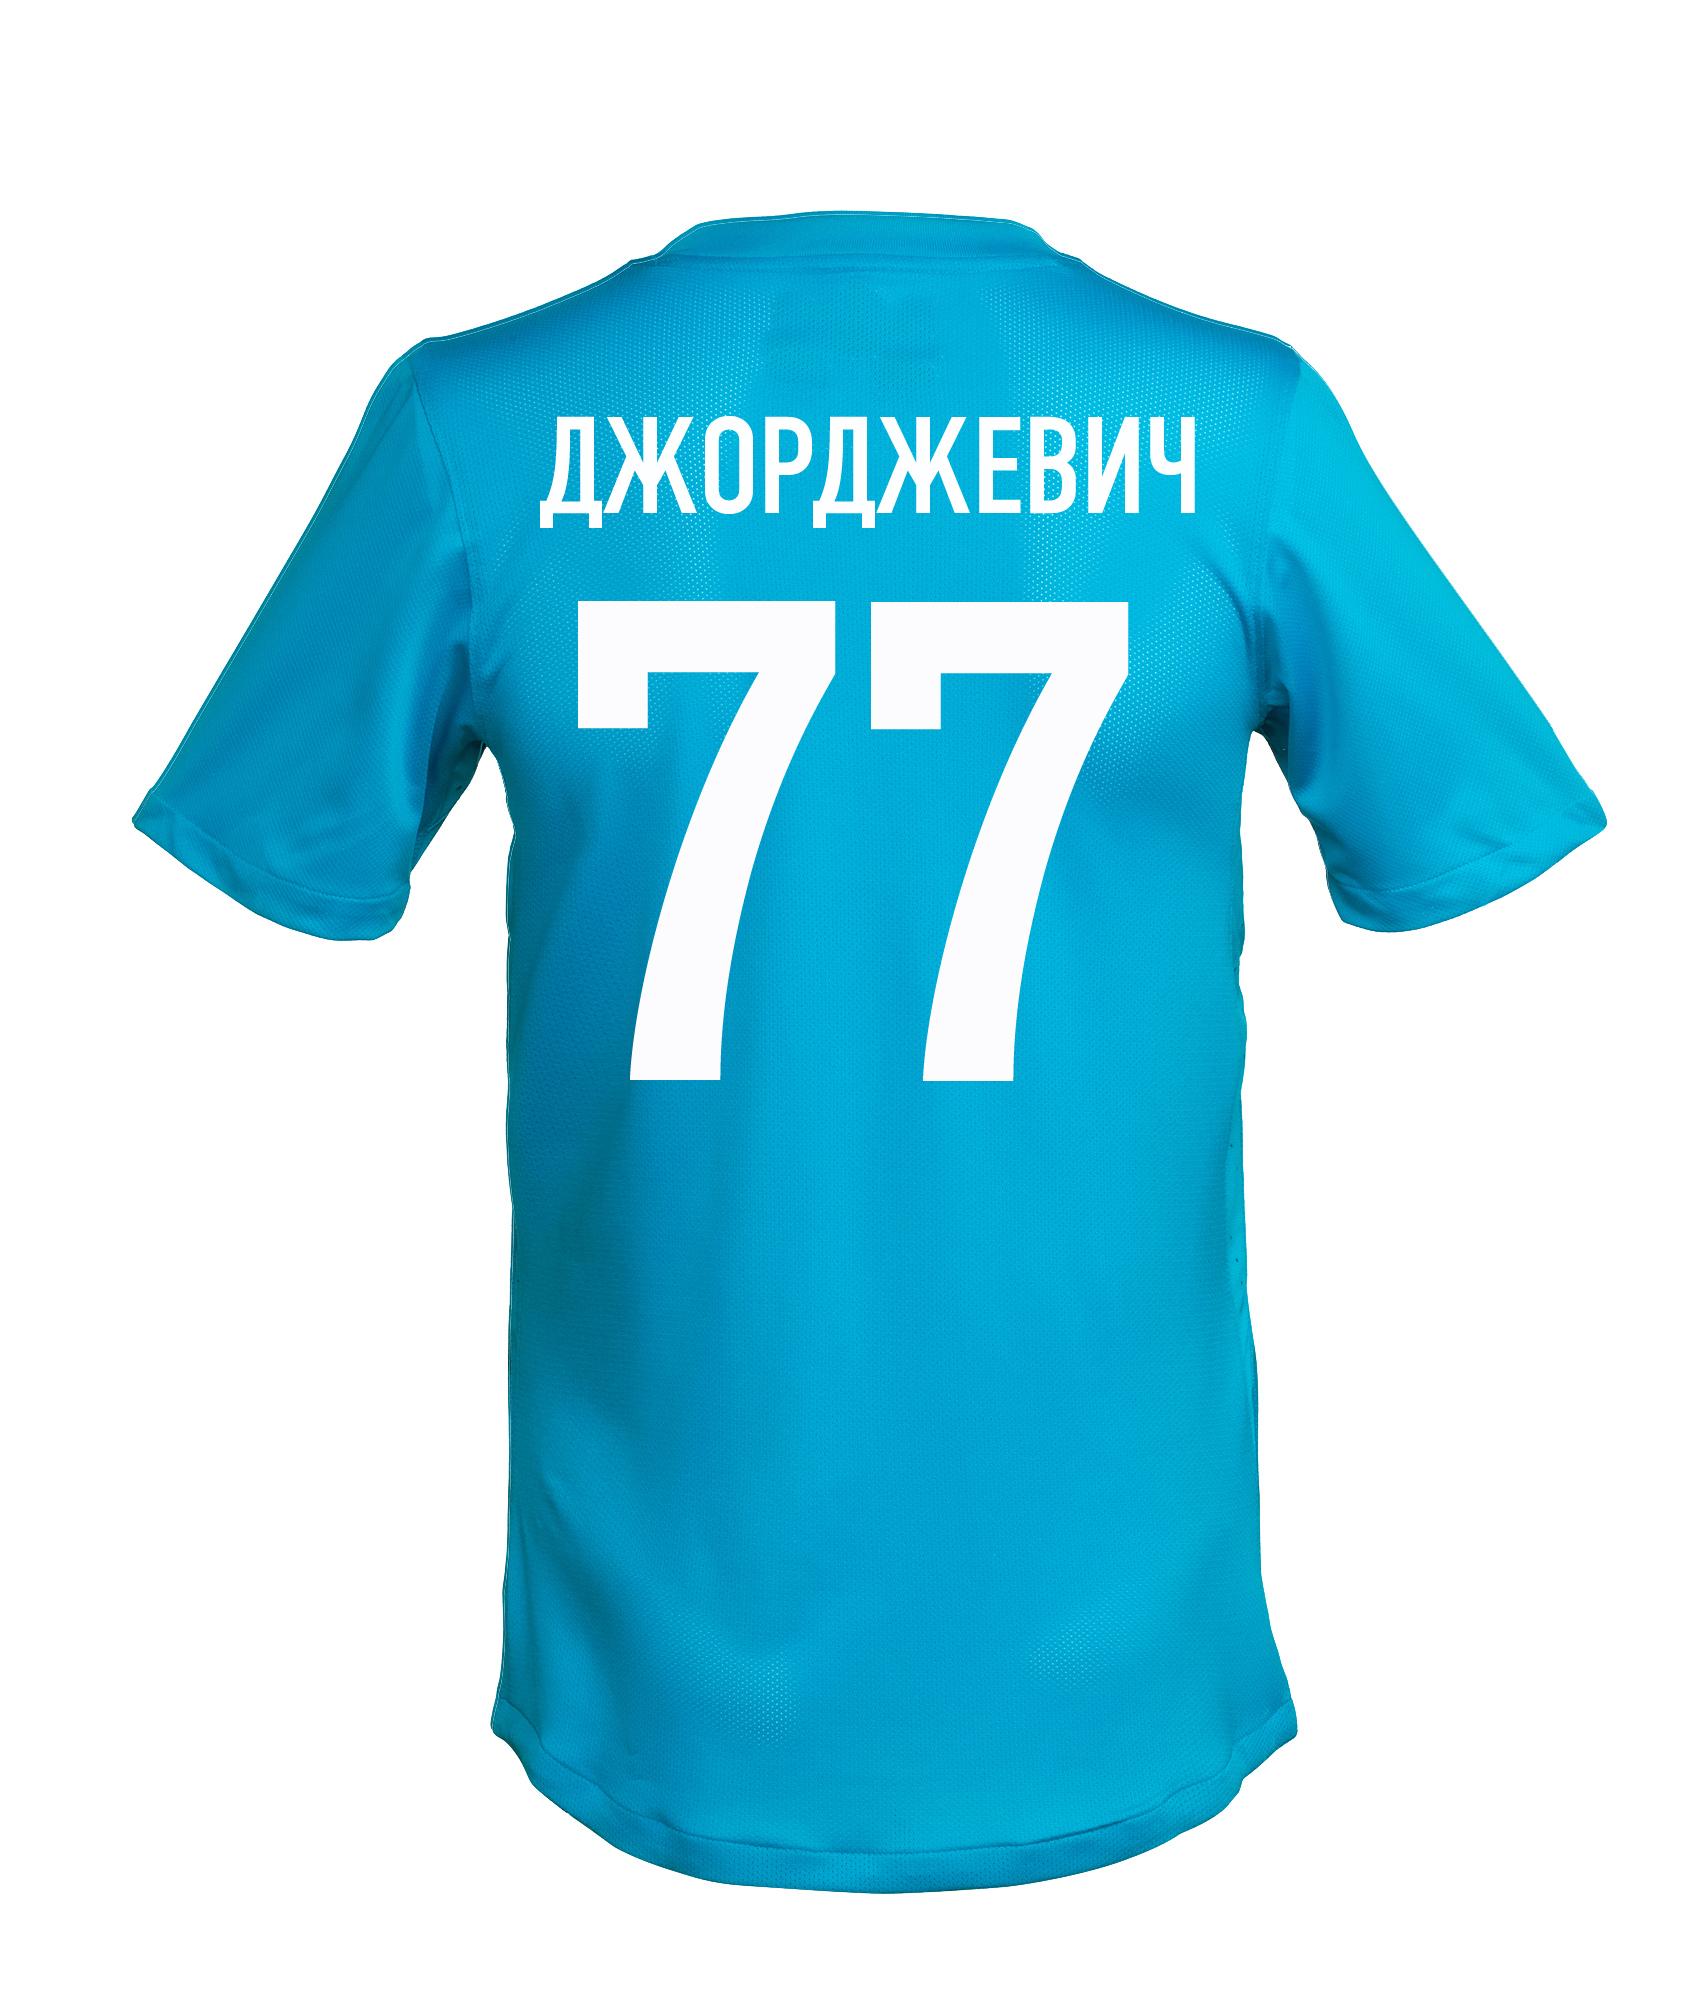 Игровая футболка с фамилией и номером Л. Джорджевича, Цвет-Синий, Размер-S